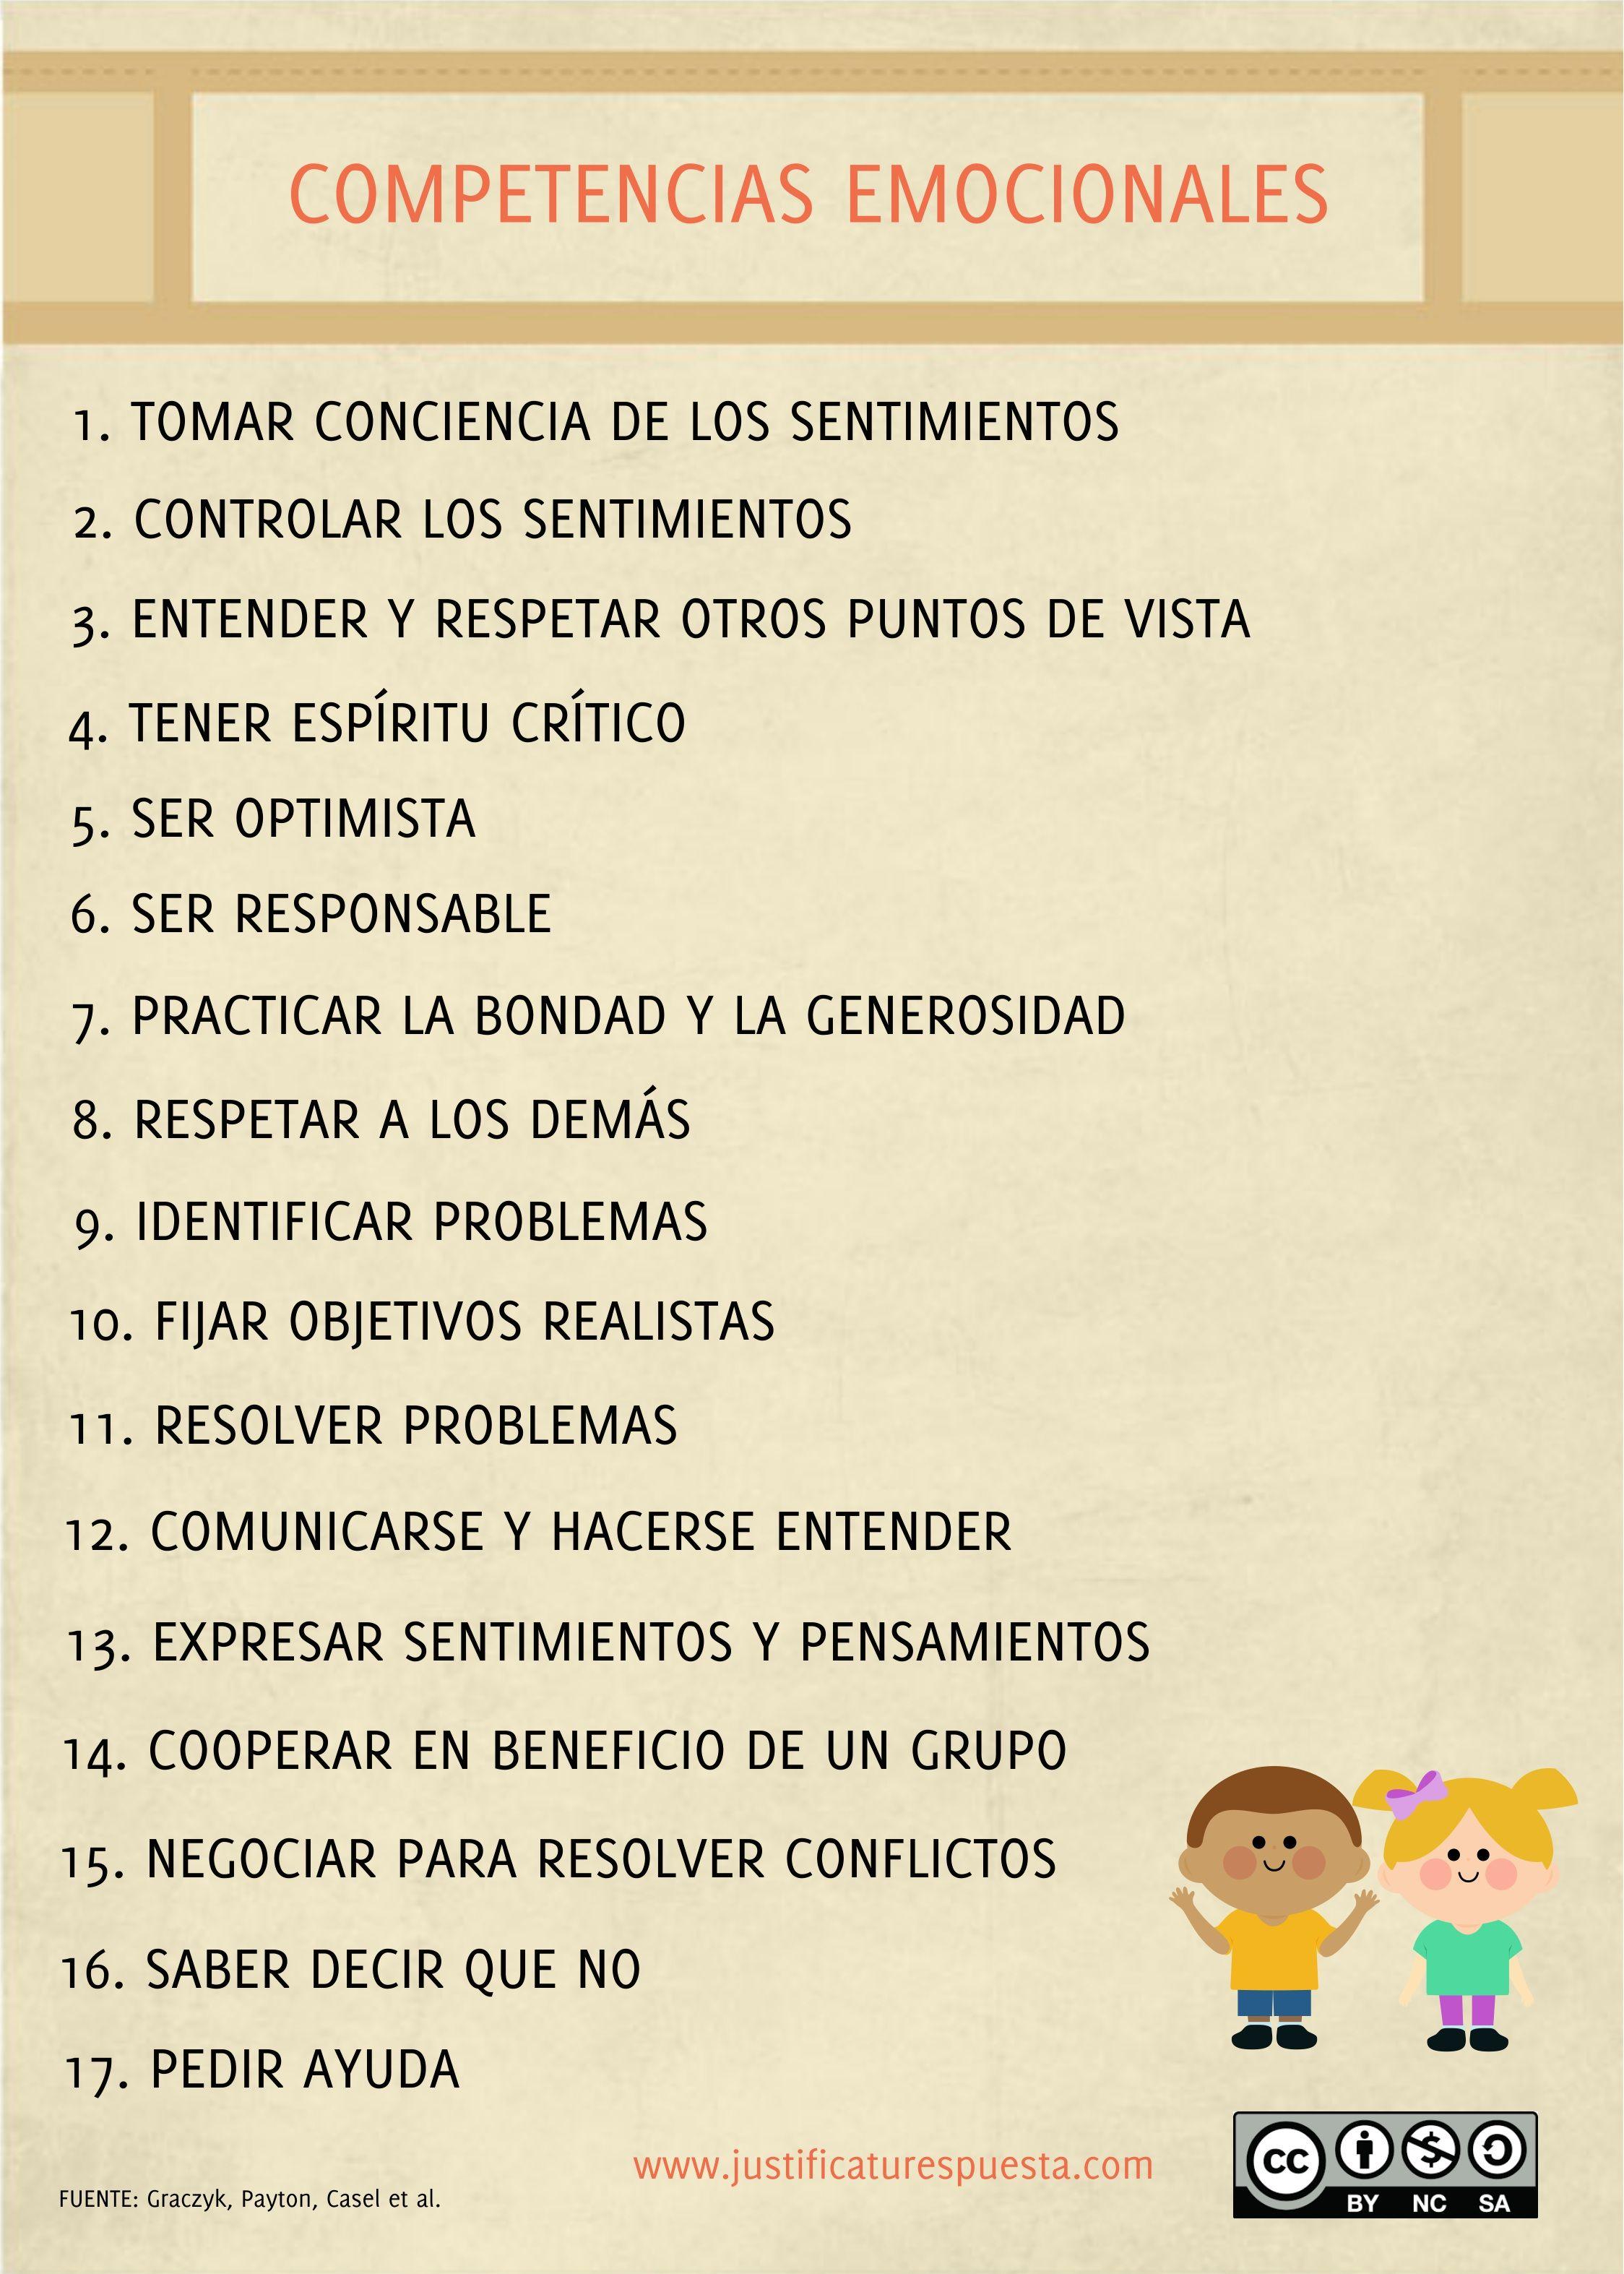 17 Competencias Emocionales Para Trabajar Con Tus Alumnos